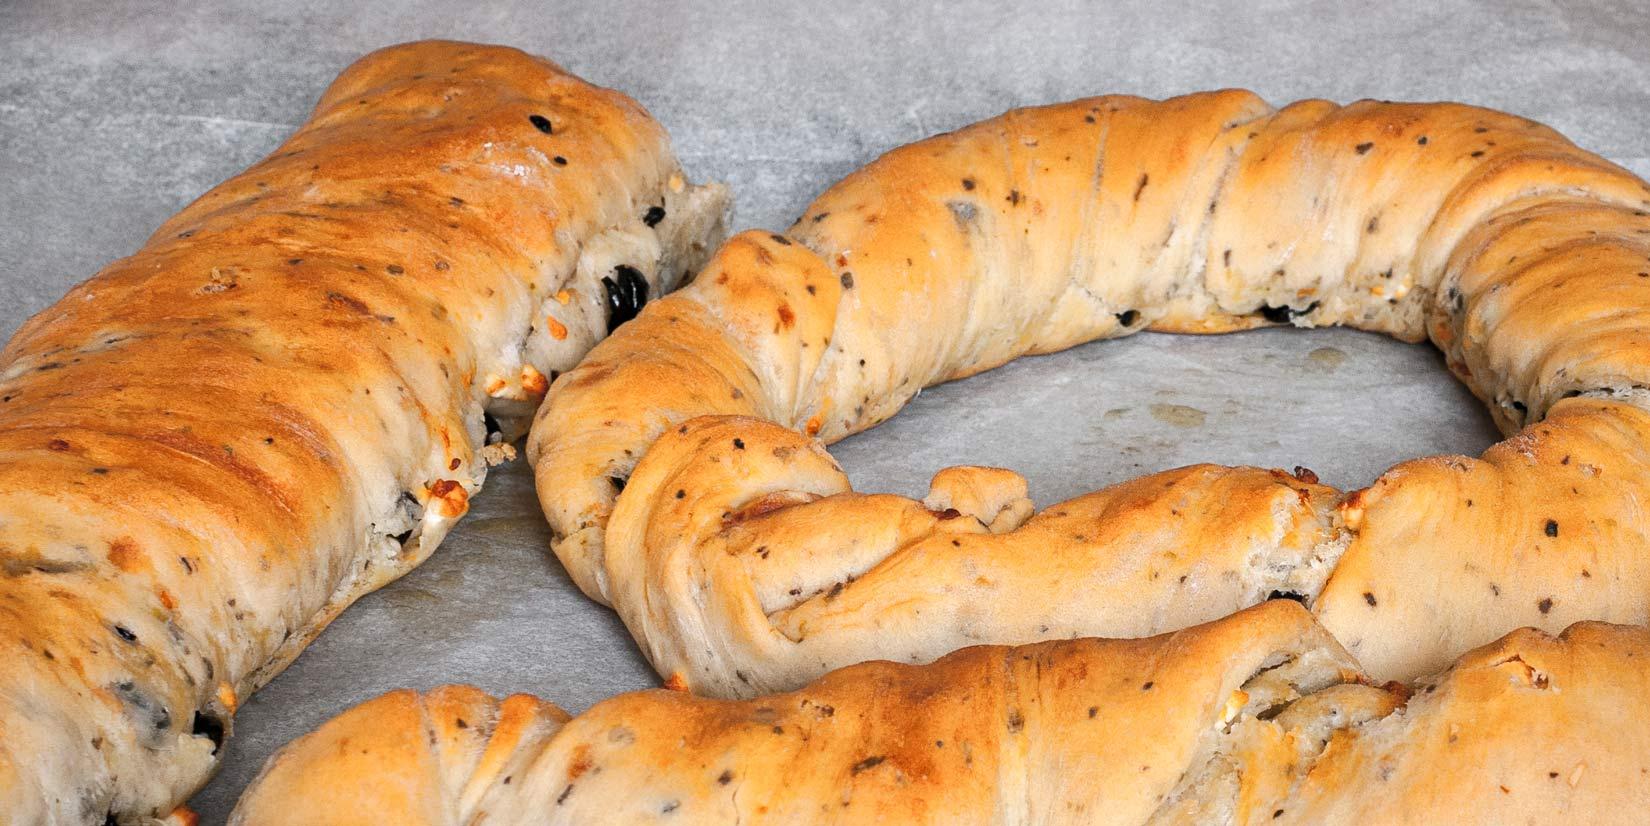 Upečený olivový chléb má zlatavou křupavou kůrčičku